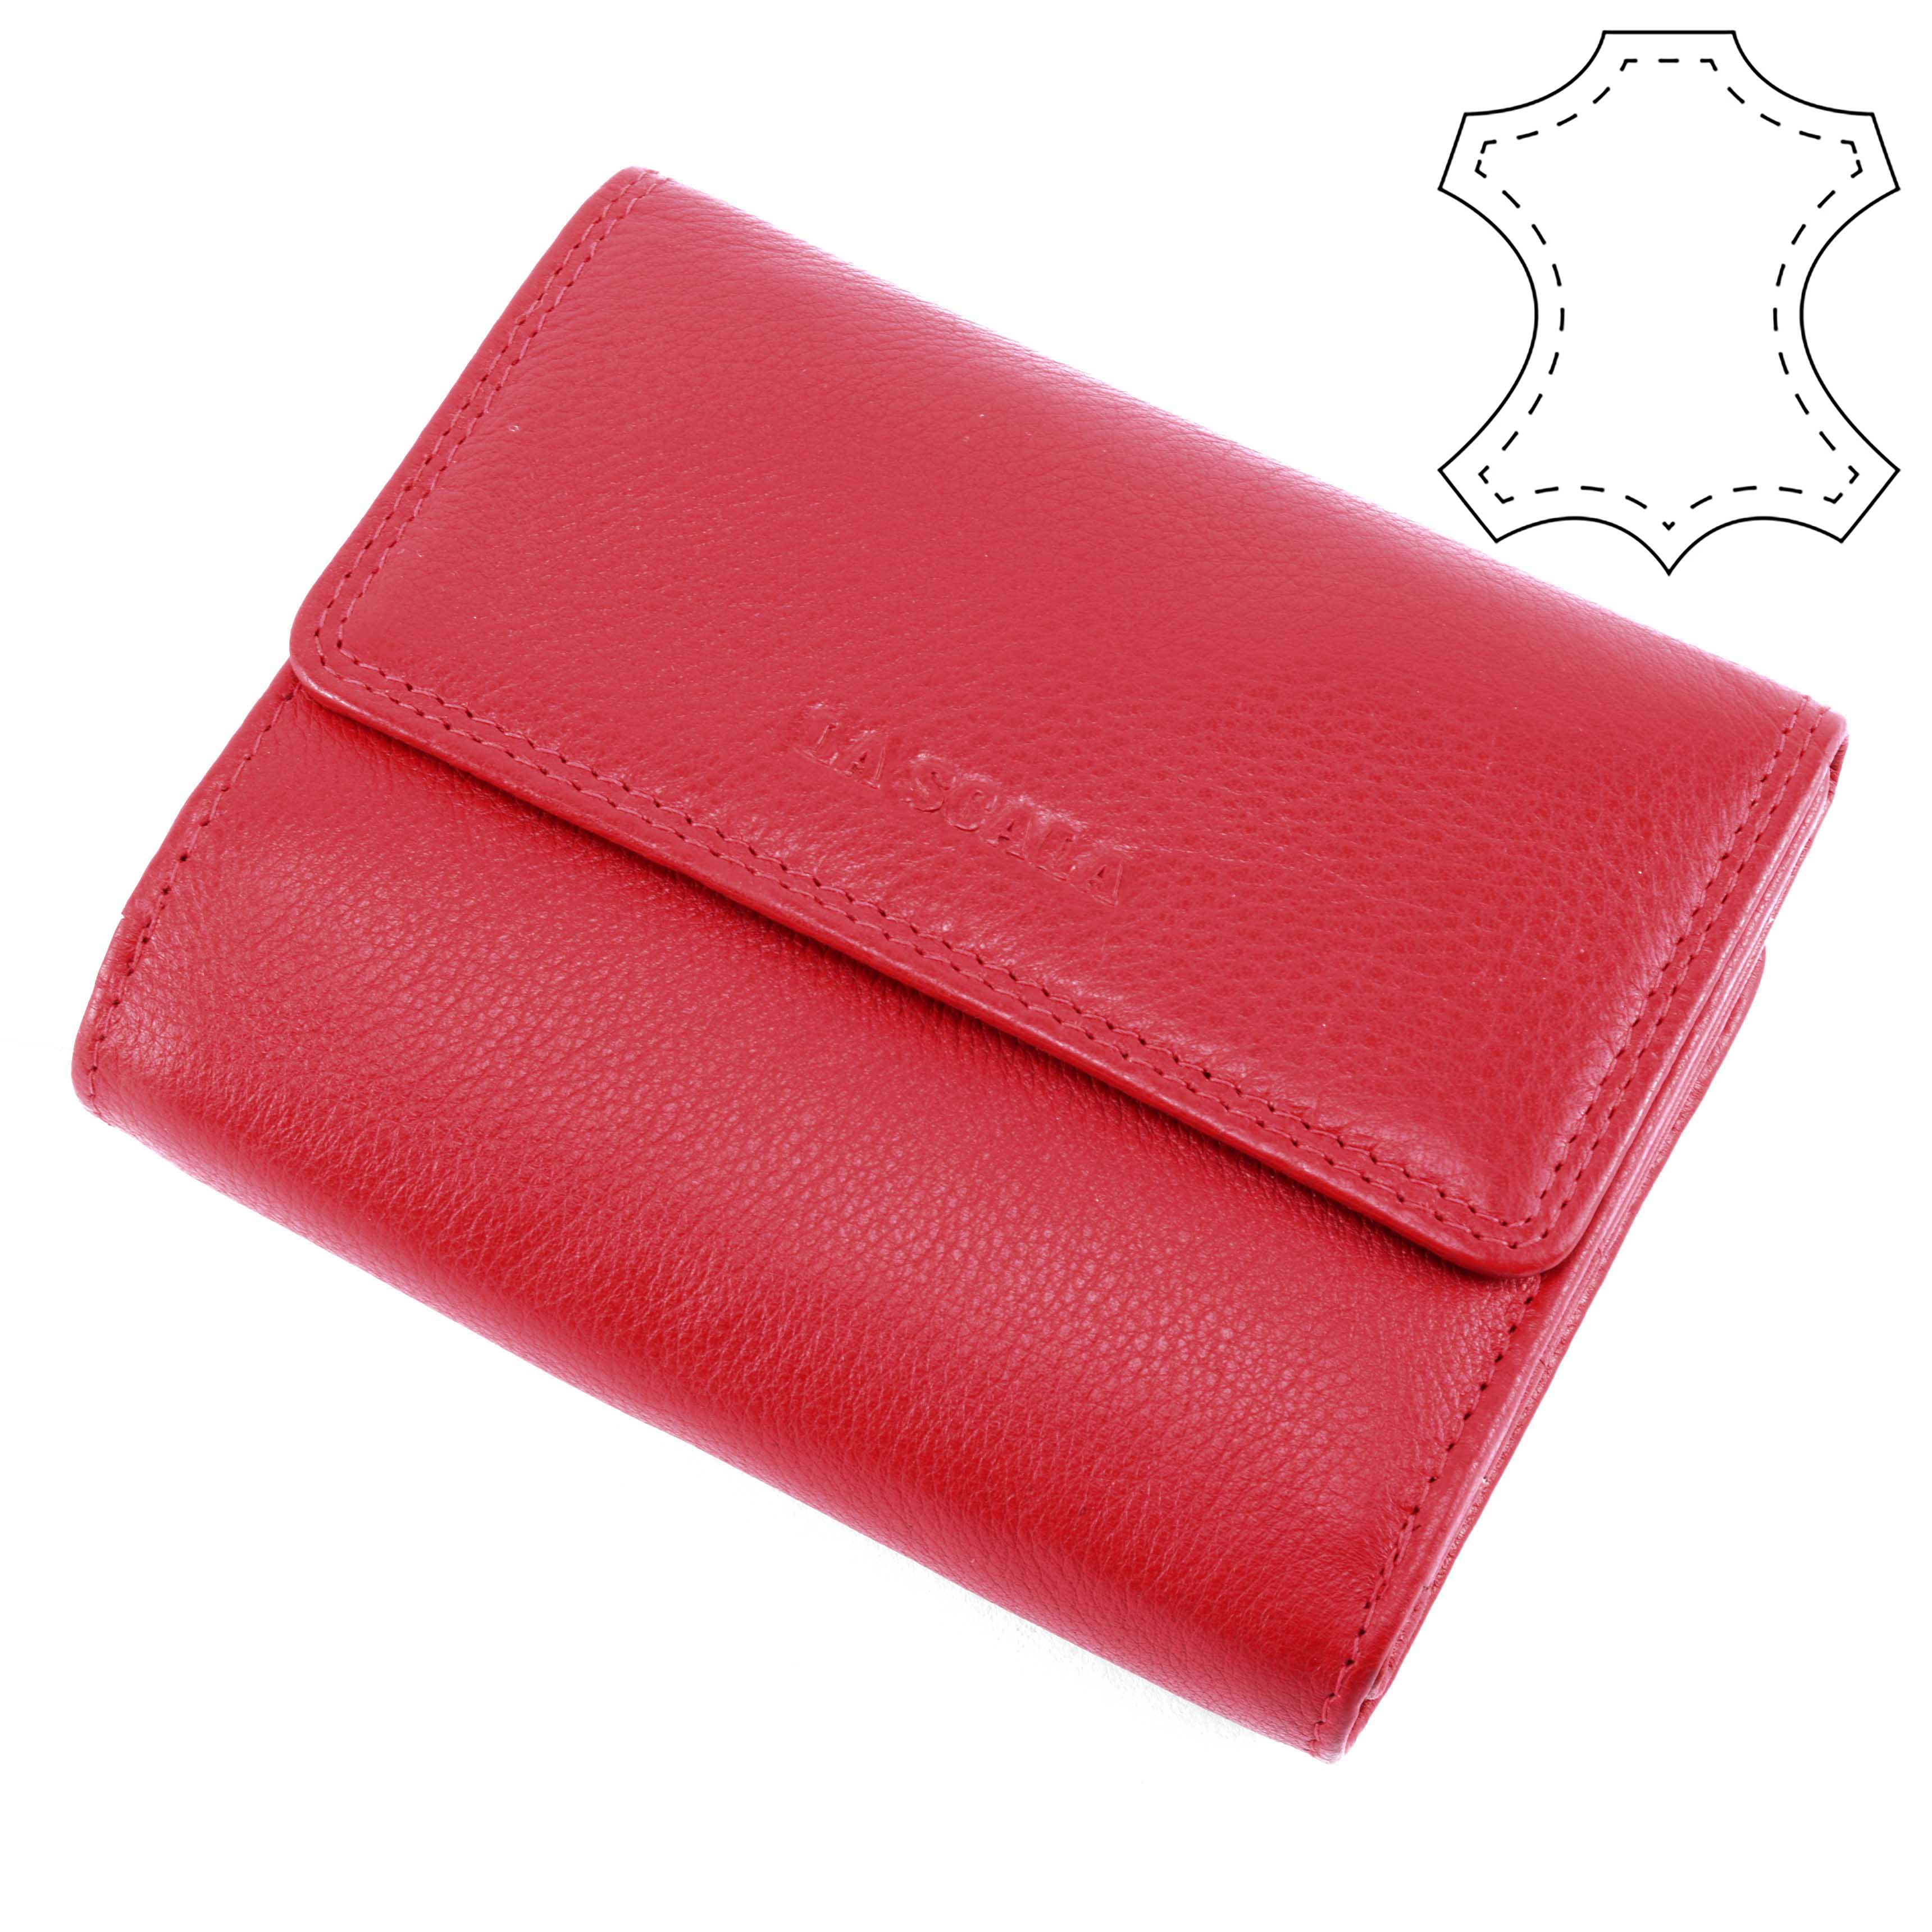 a2a9a801dd LA SCALA Piros Női Bőr Pénztárca - NŐI PÉNZTÁRCÁK - Táska webáruház - Minőségi  táskák mindenkinek